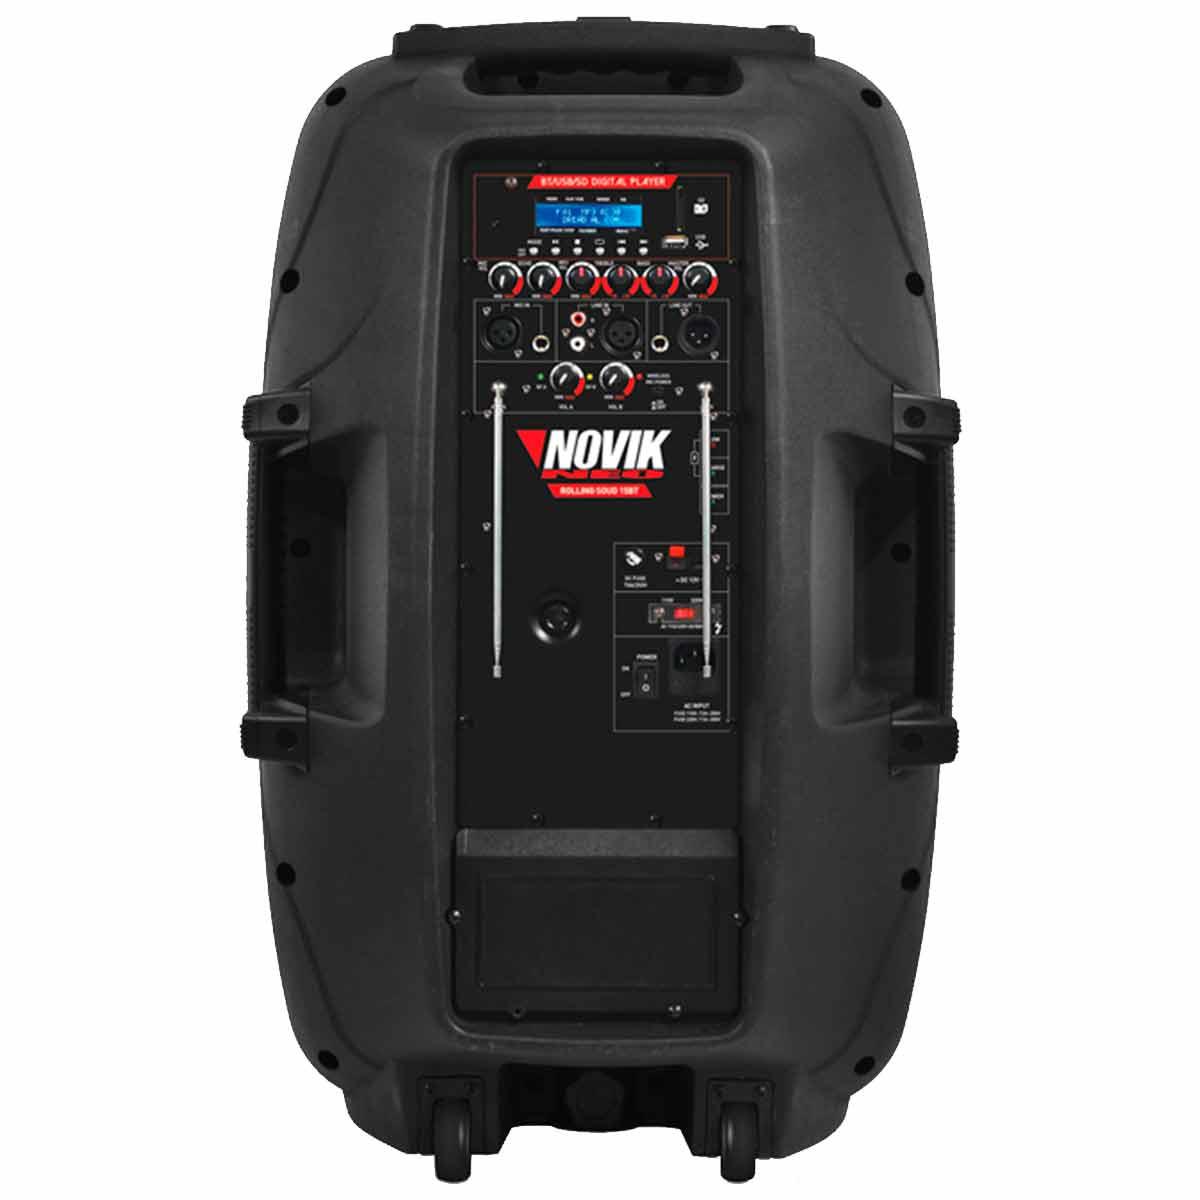 Caixa Portátil 100W c/ Bateria, Bluetooth e Usb Rolling Sound 15BT - Novik Neo